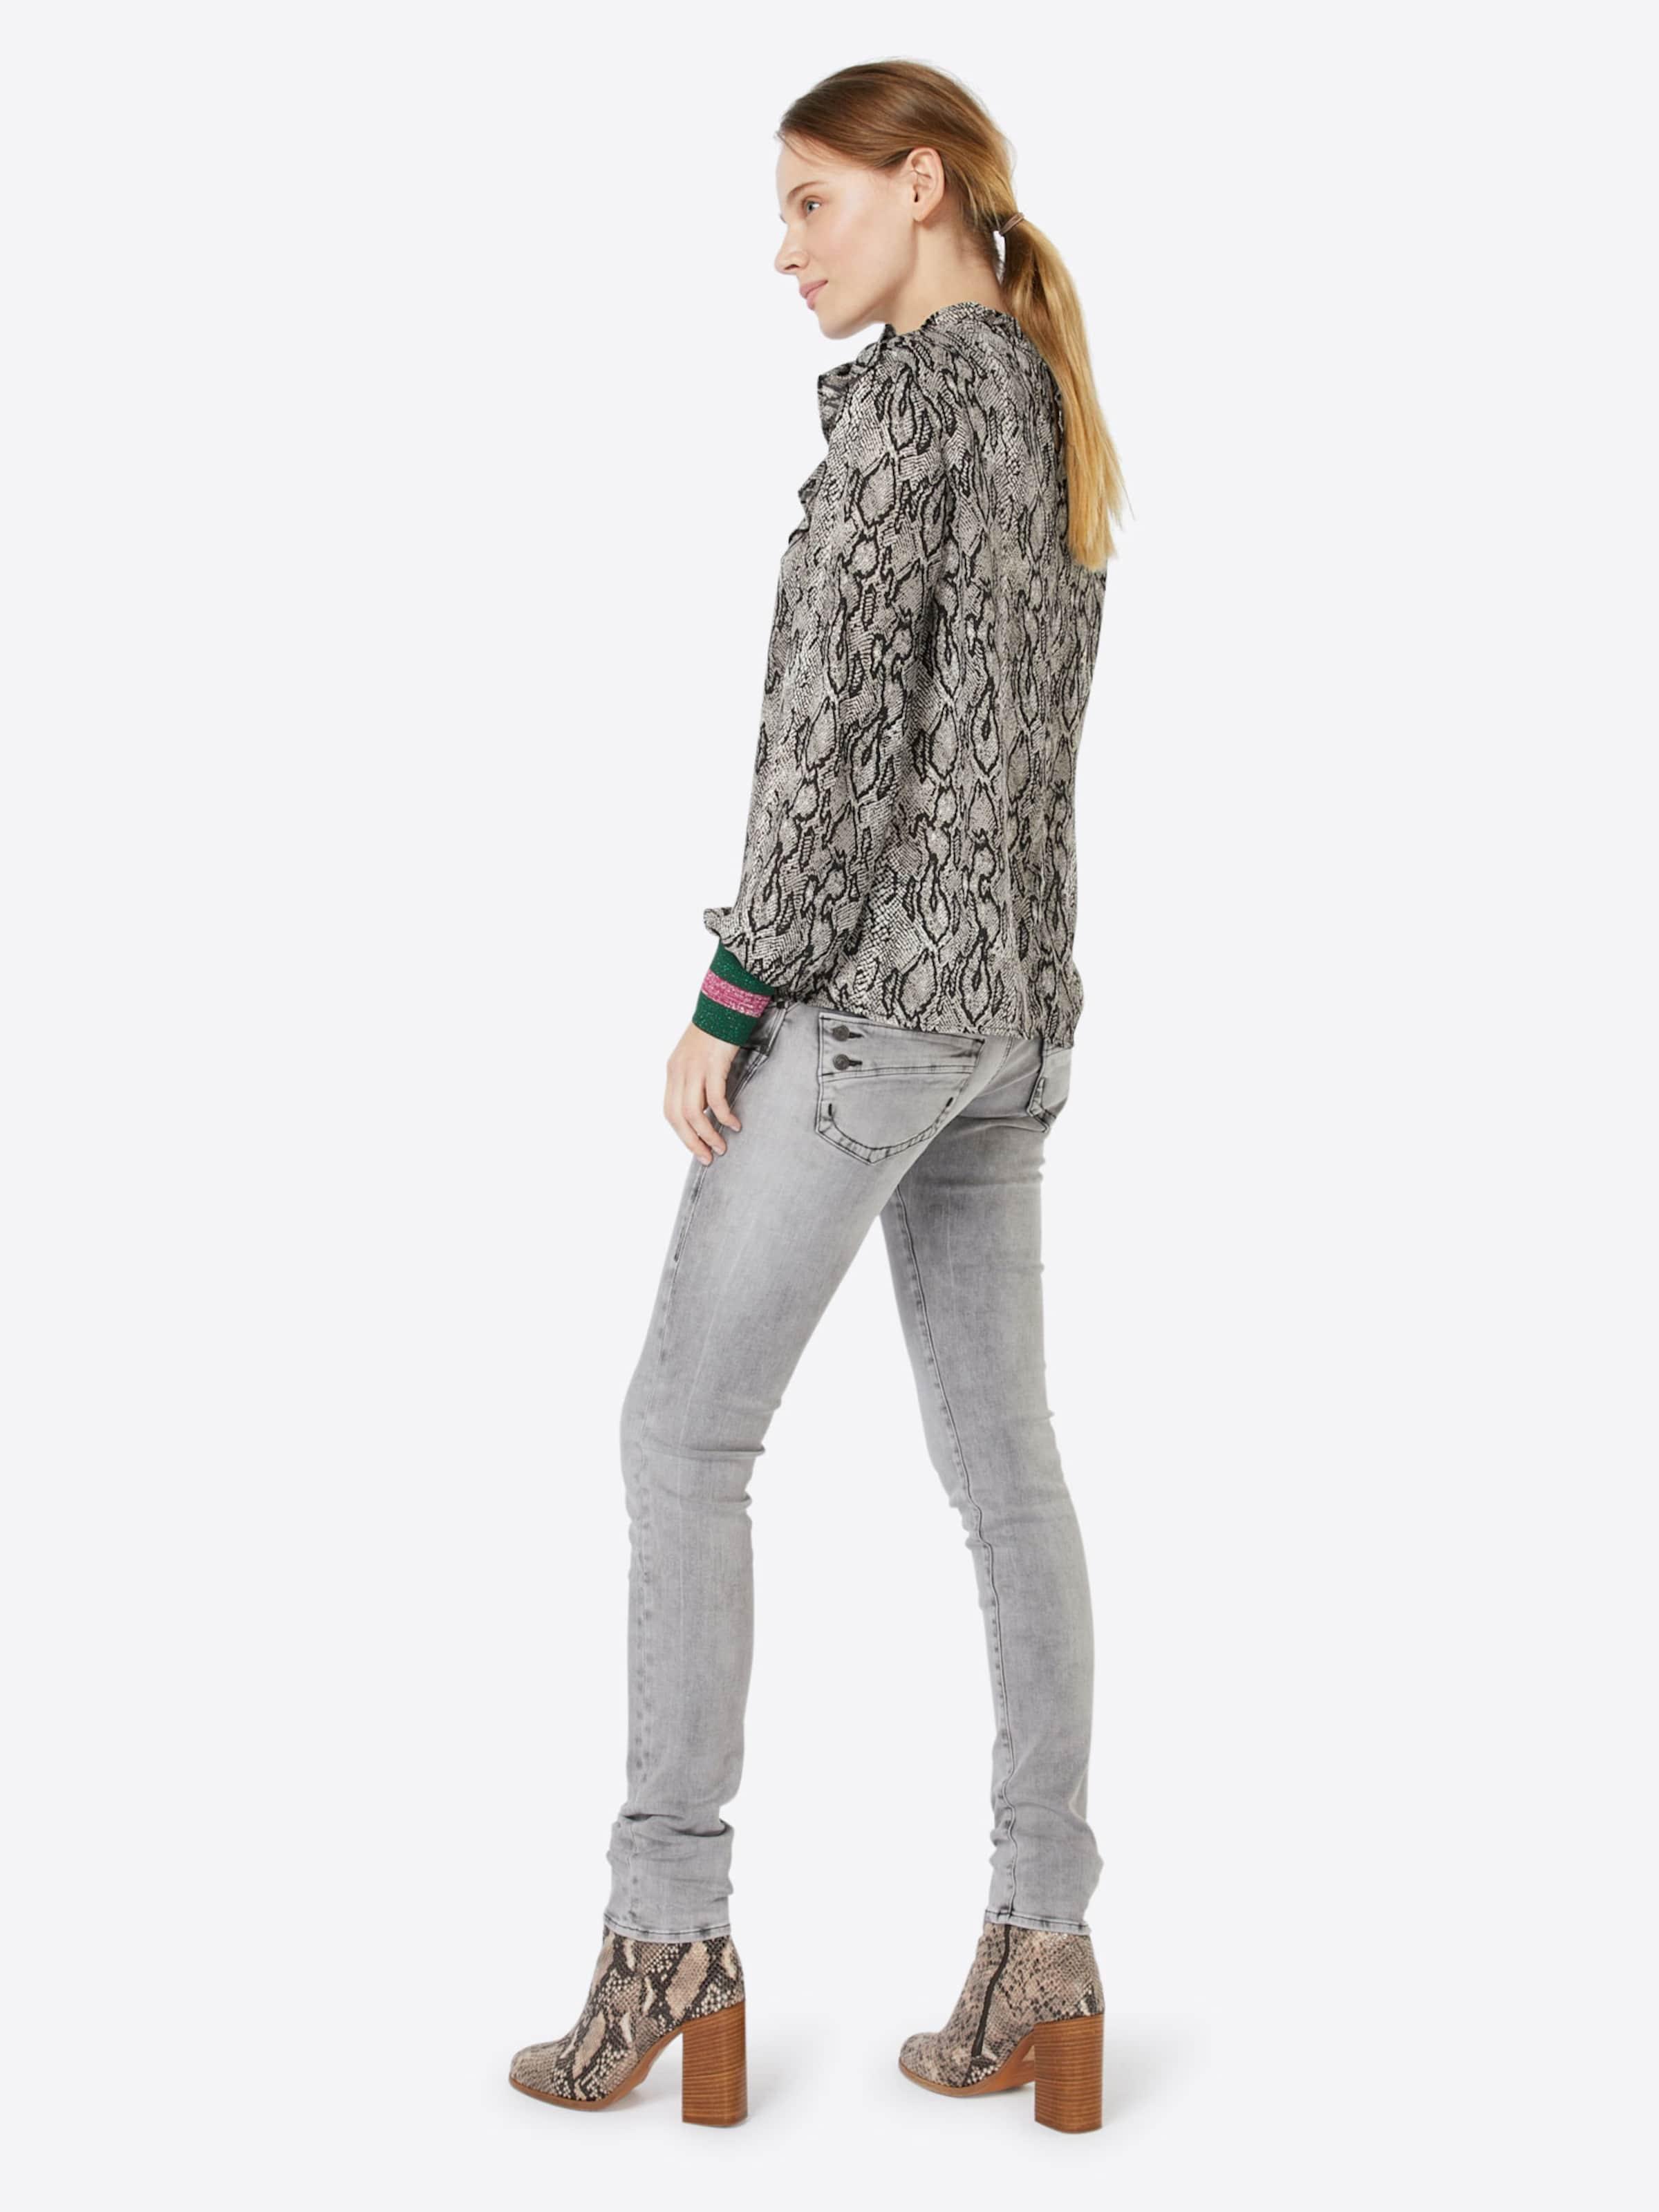 Herrlicher 'Piper' Jeans Billig Verkauf Sneakernews Footlocker Abbildungen Günstigen Preis jOI65vH